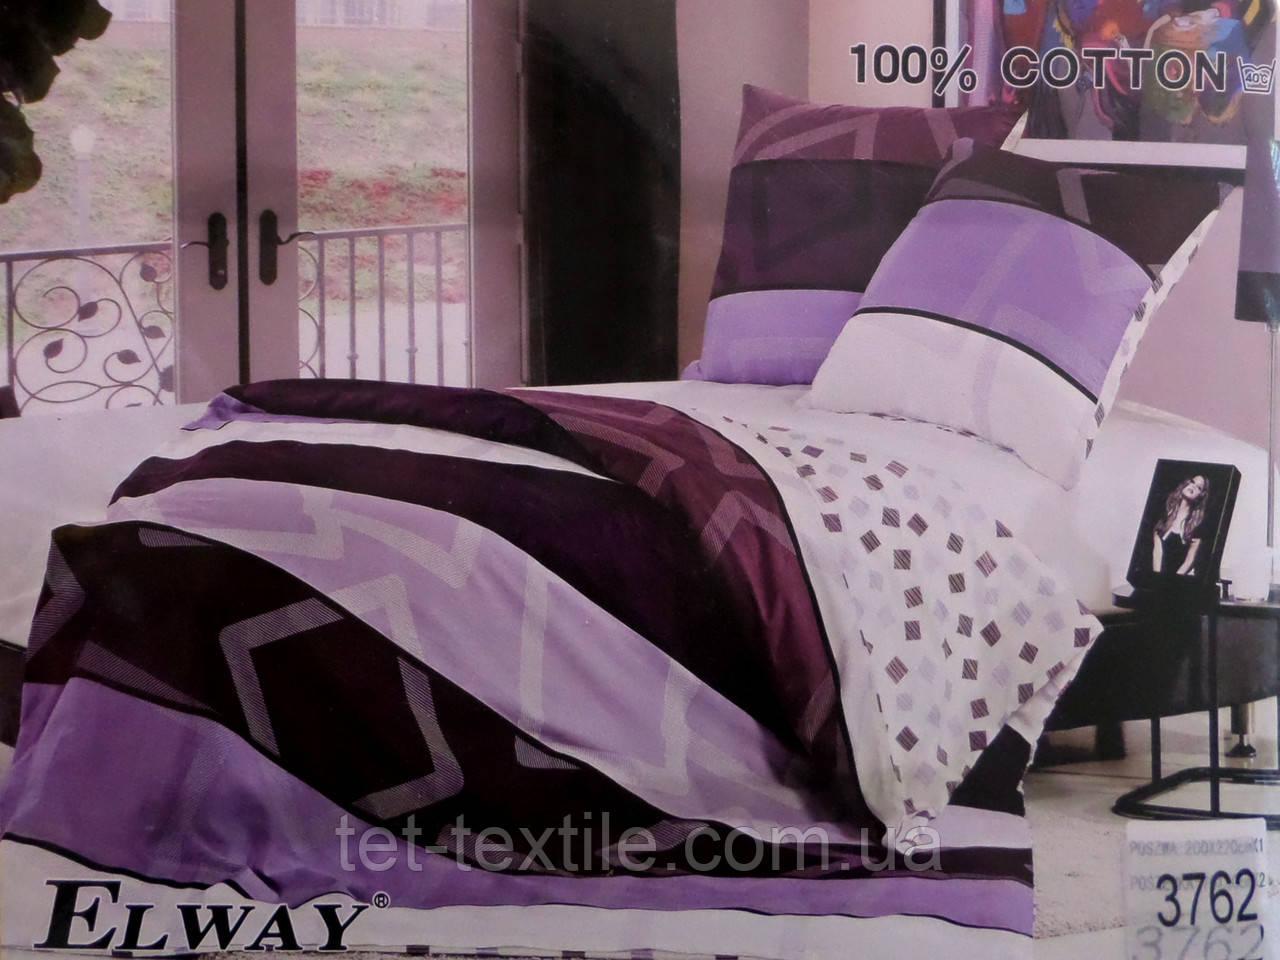 """Комплект постельного белья Elway """"Семейное"""""""